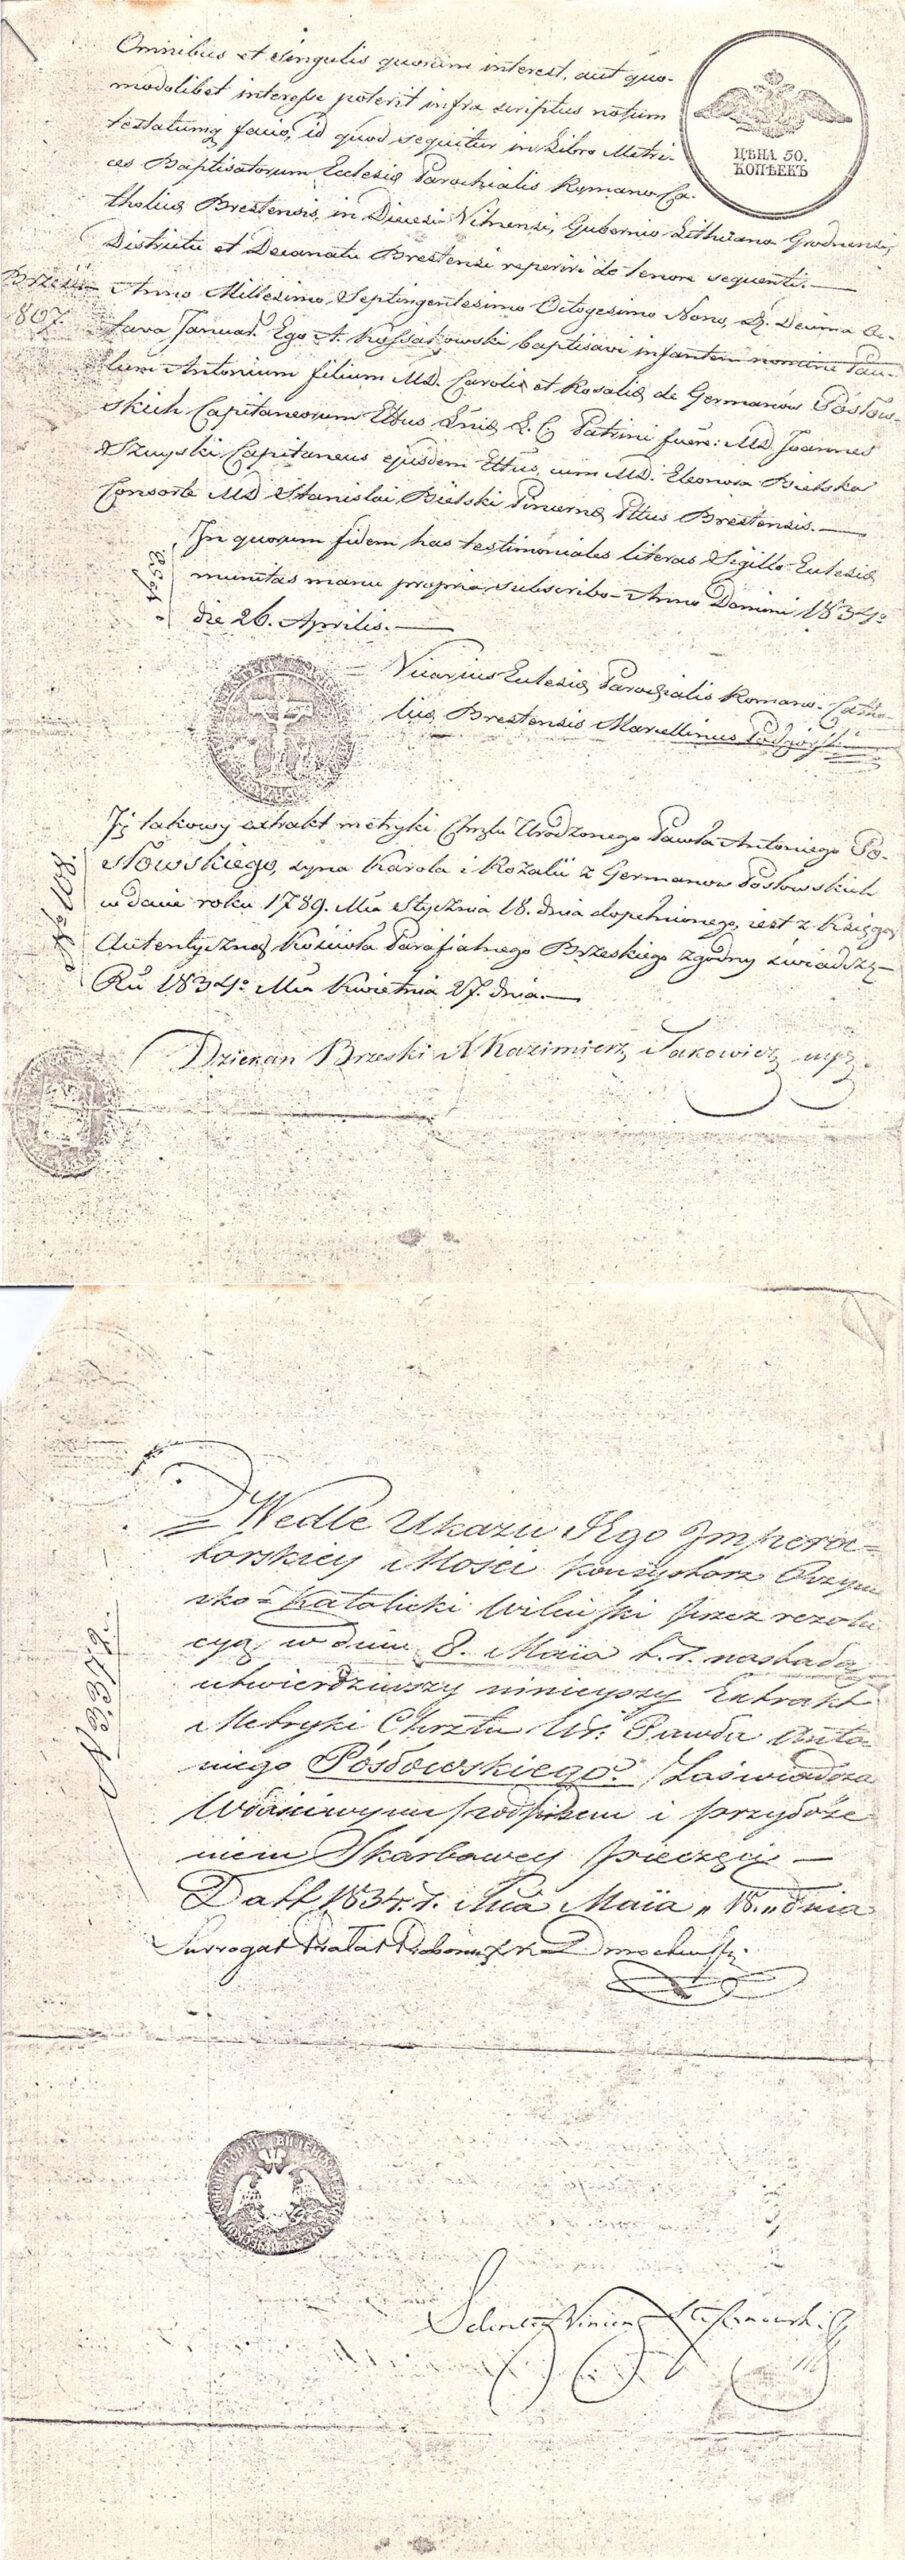 Wypis z metryki chrztu Paweł Antoni Posłowski 18.01.1789 r.